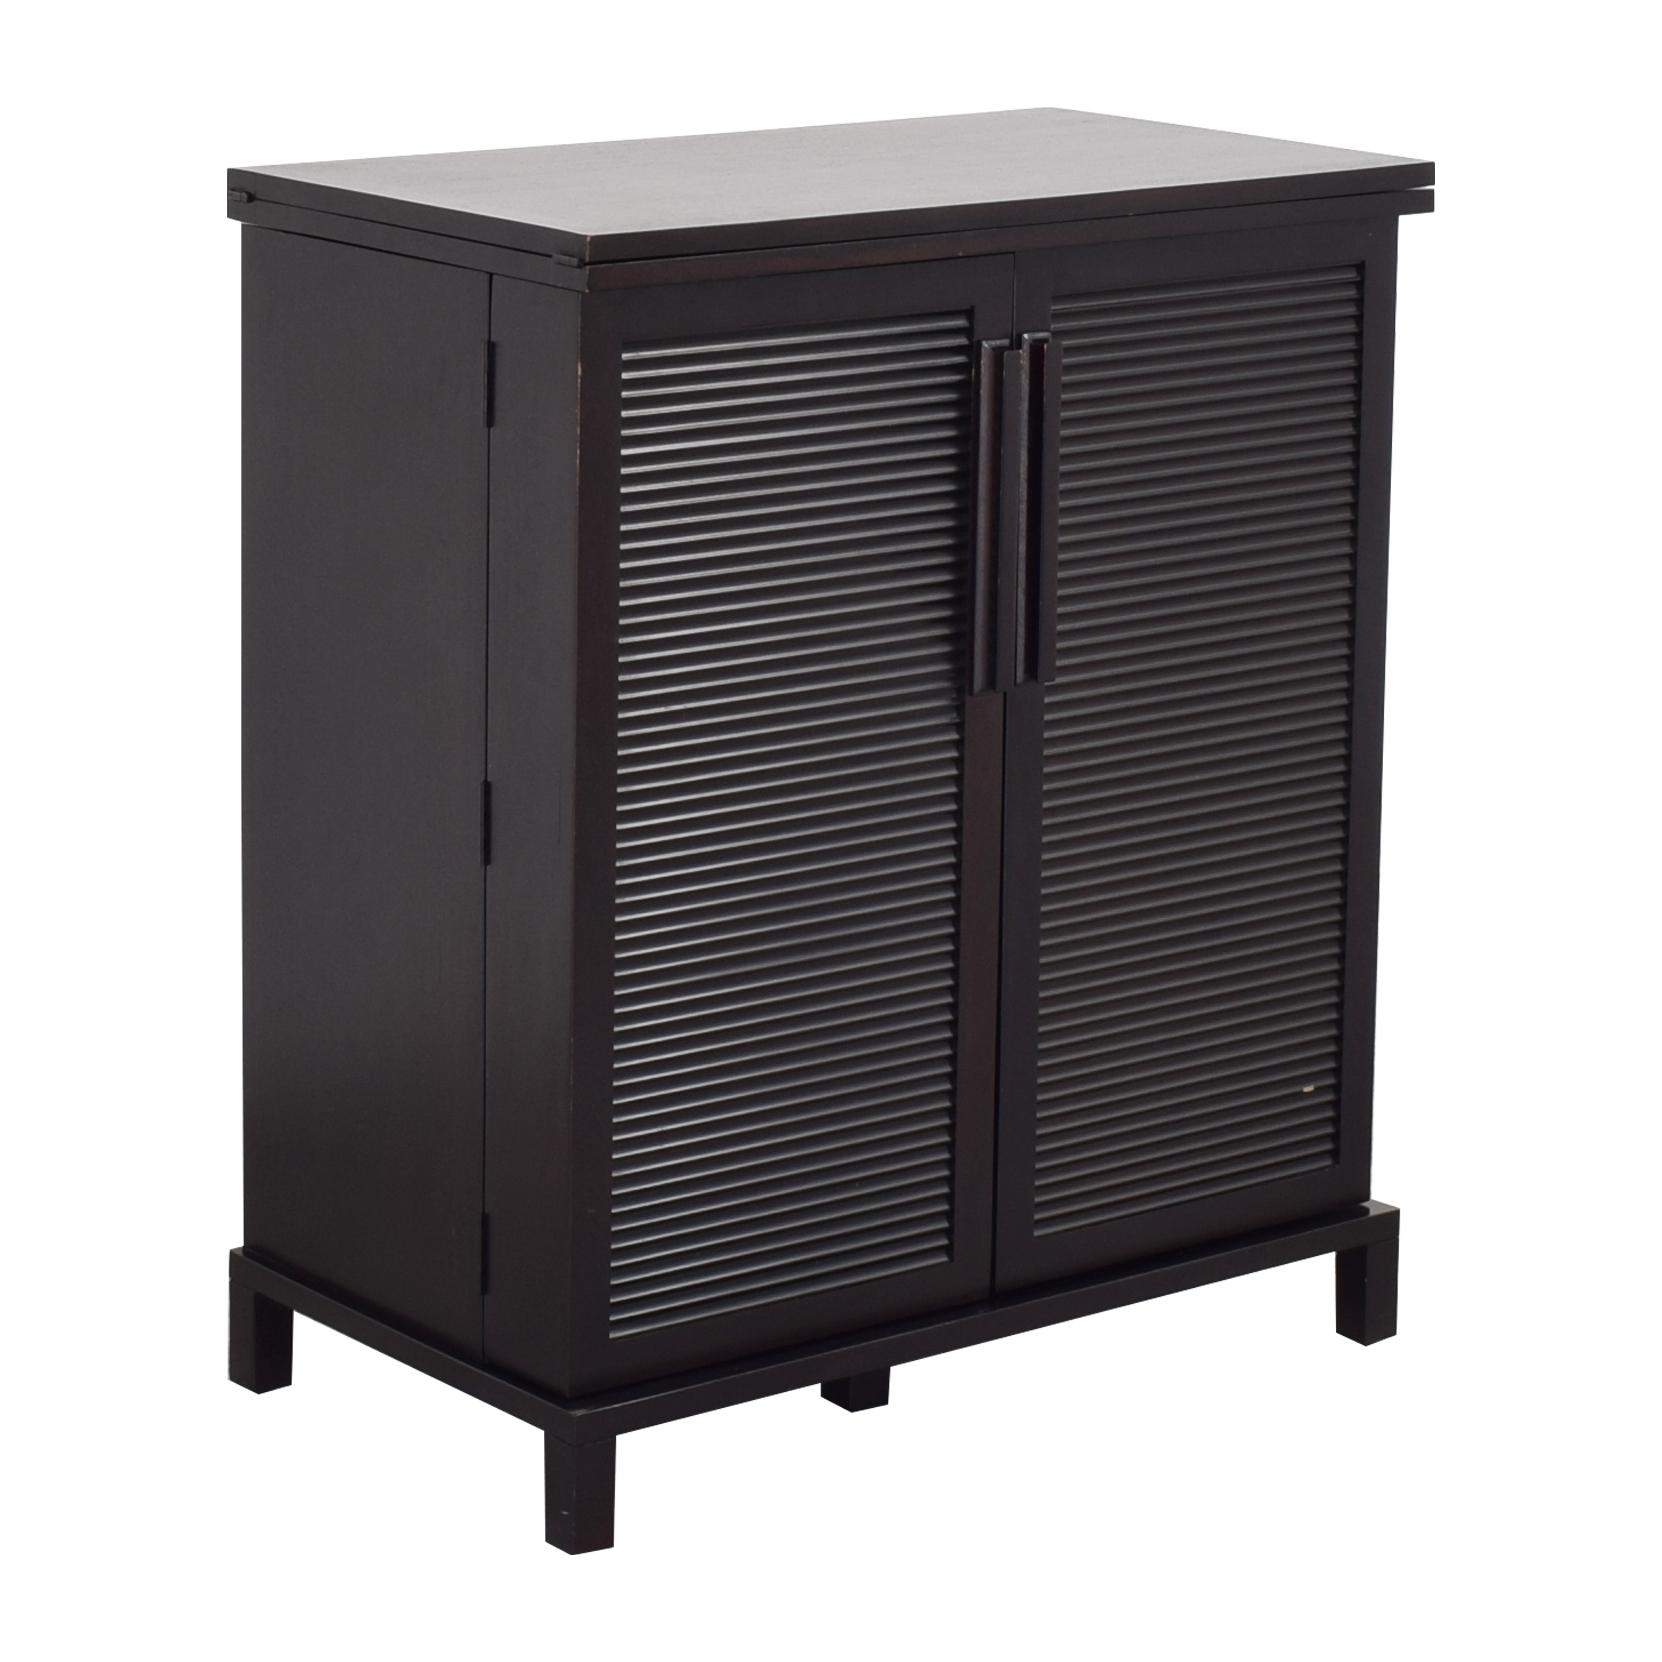 shop Crate & Barrel Crate and Barrel Bar Table online